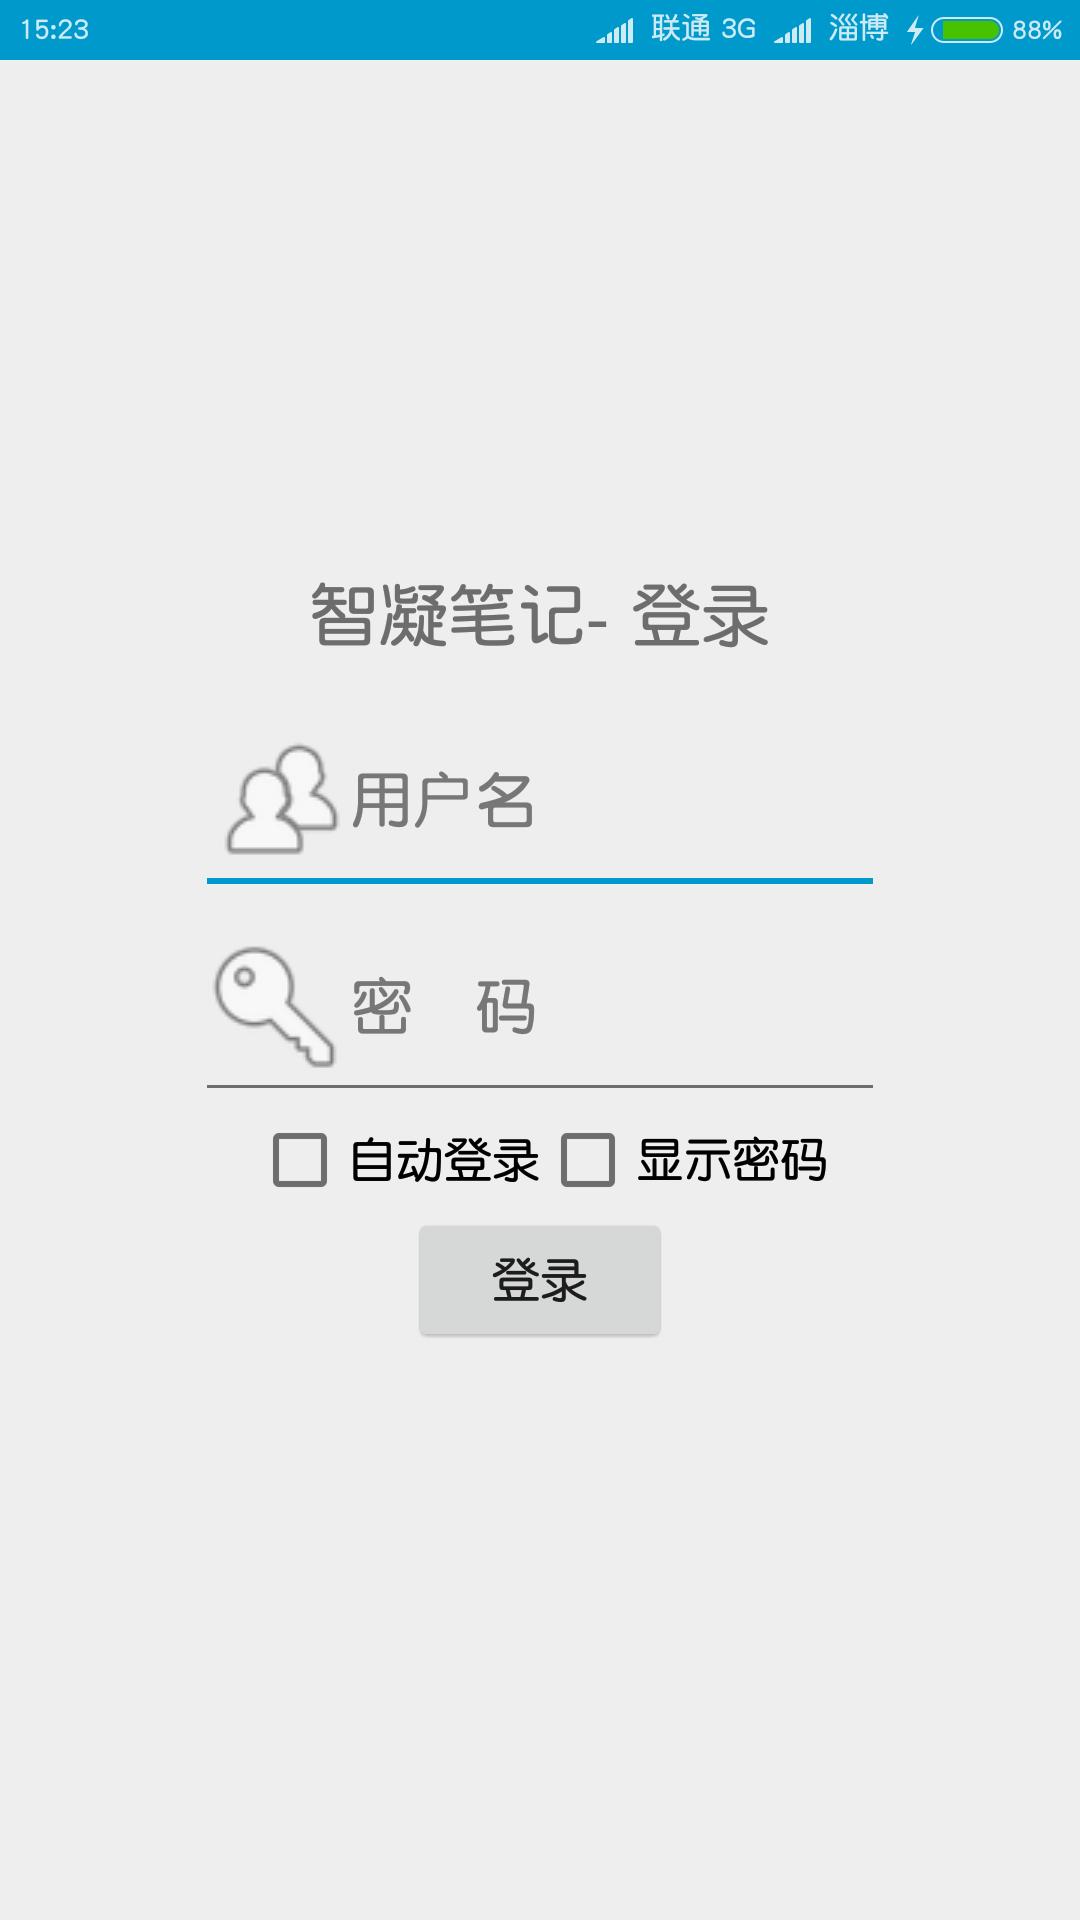 智凝笔记 V3.0 安卓版截图4